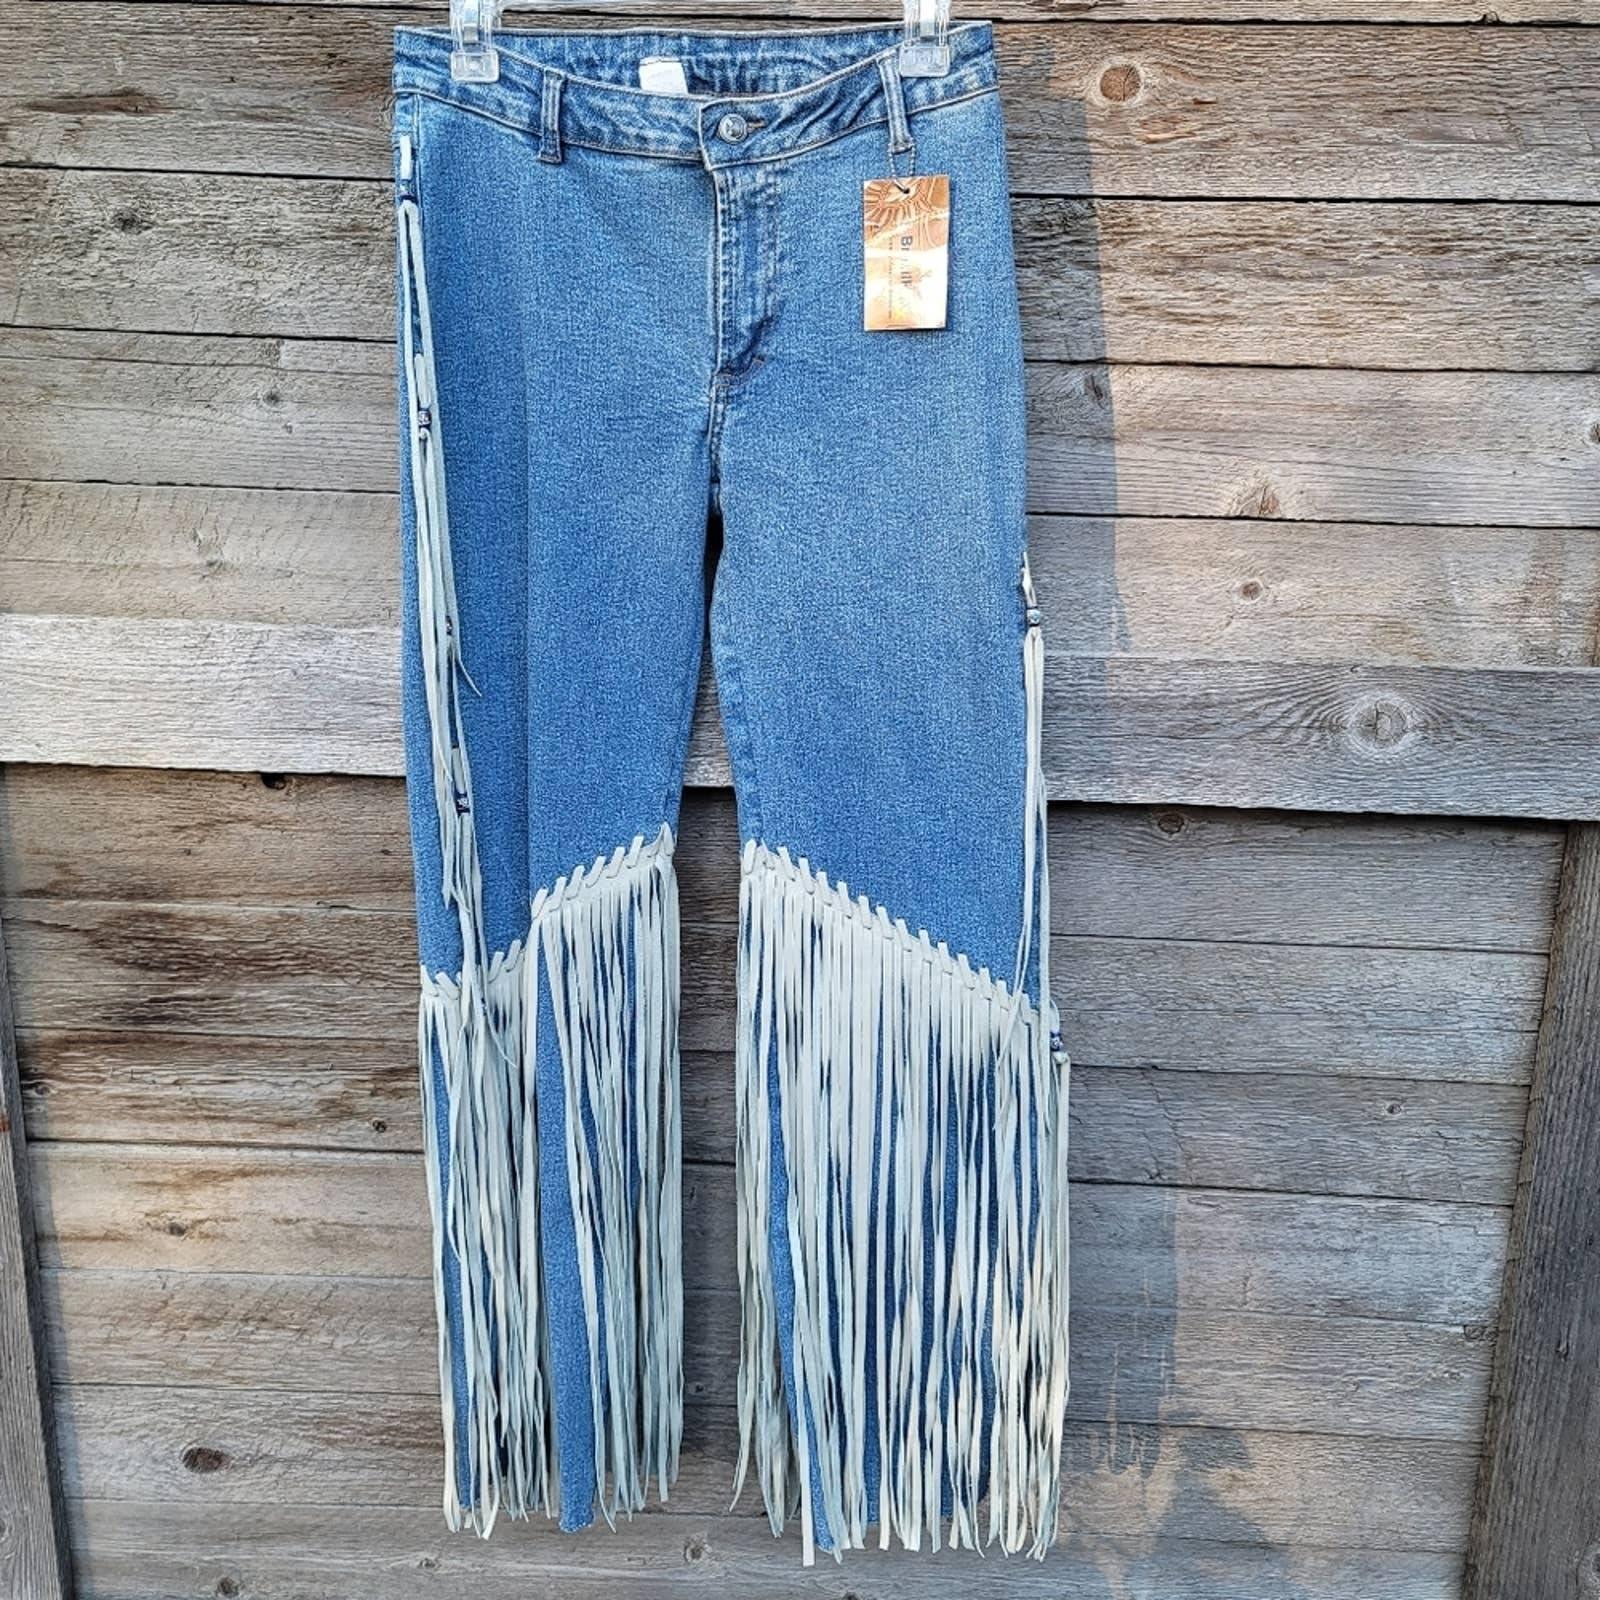 Leather Fringe Denim Jeans